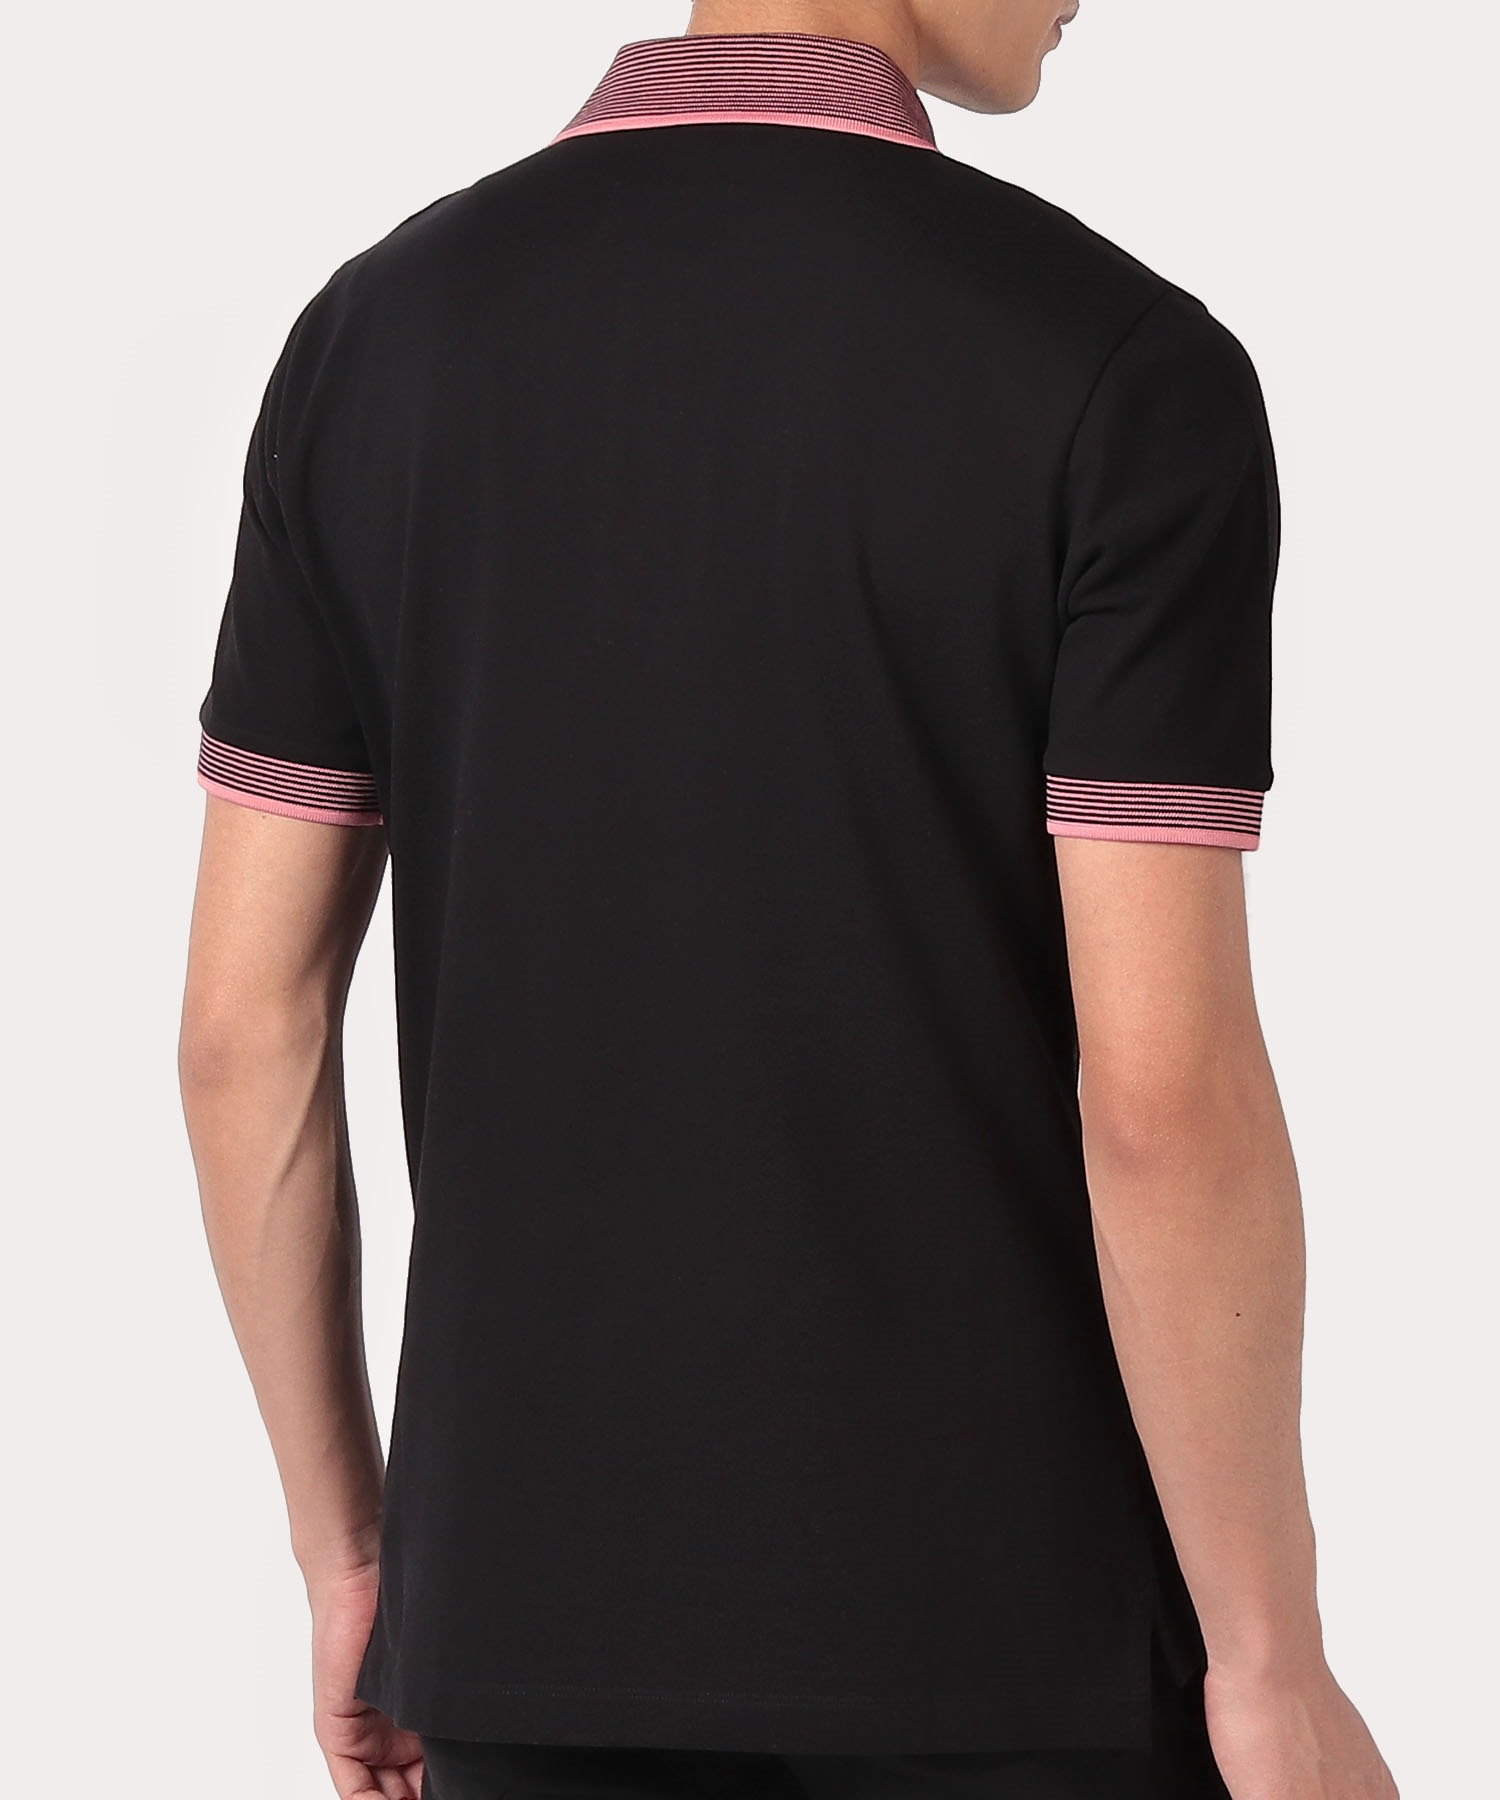 ワンポイントORB CLASSIC 半袖ポロシャツ